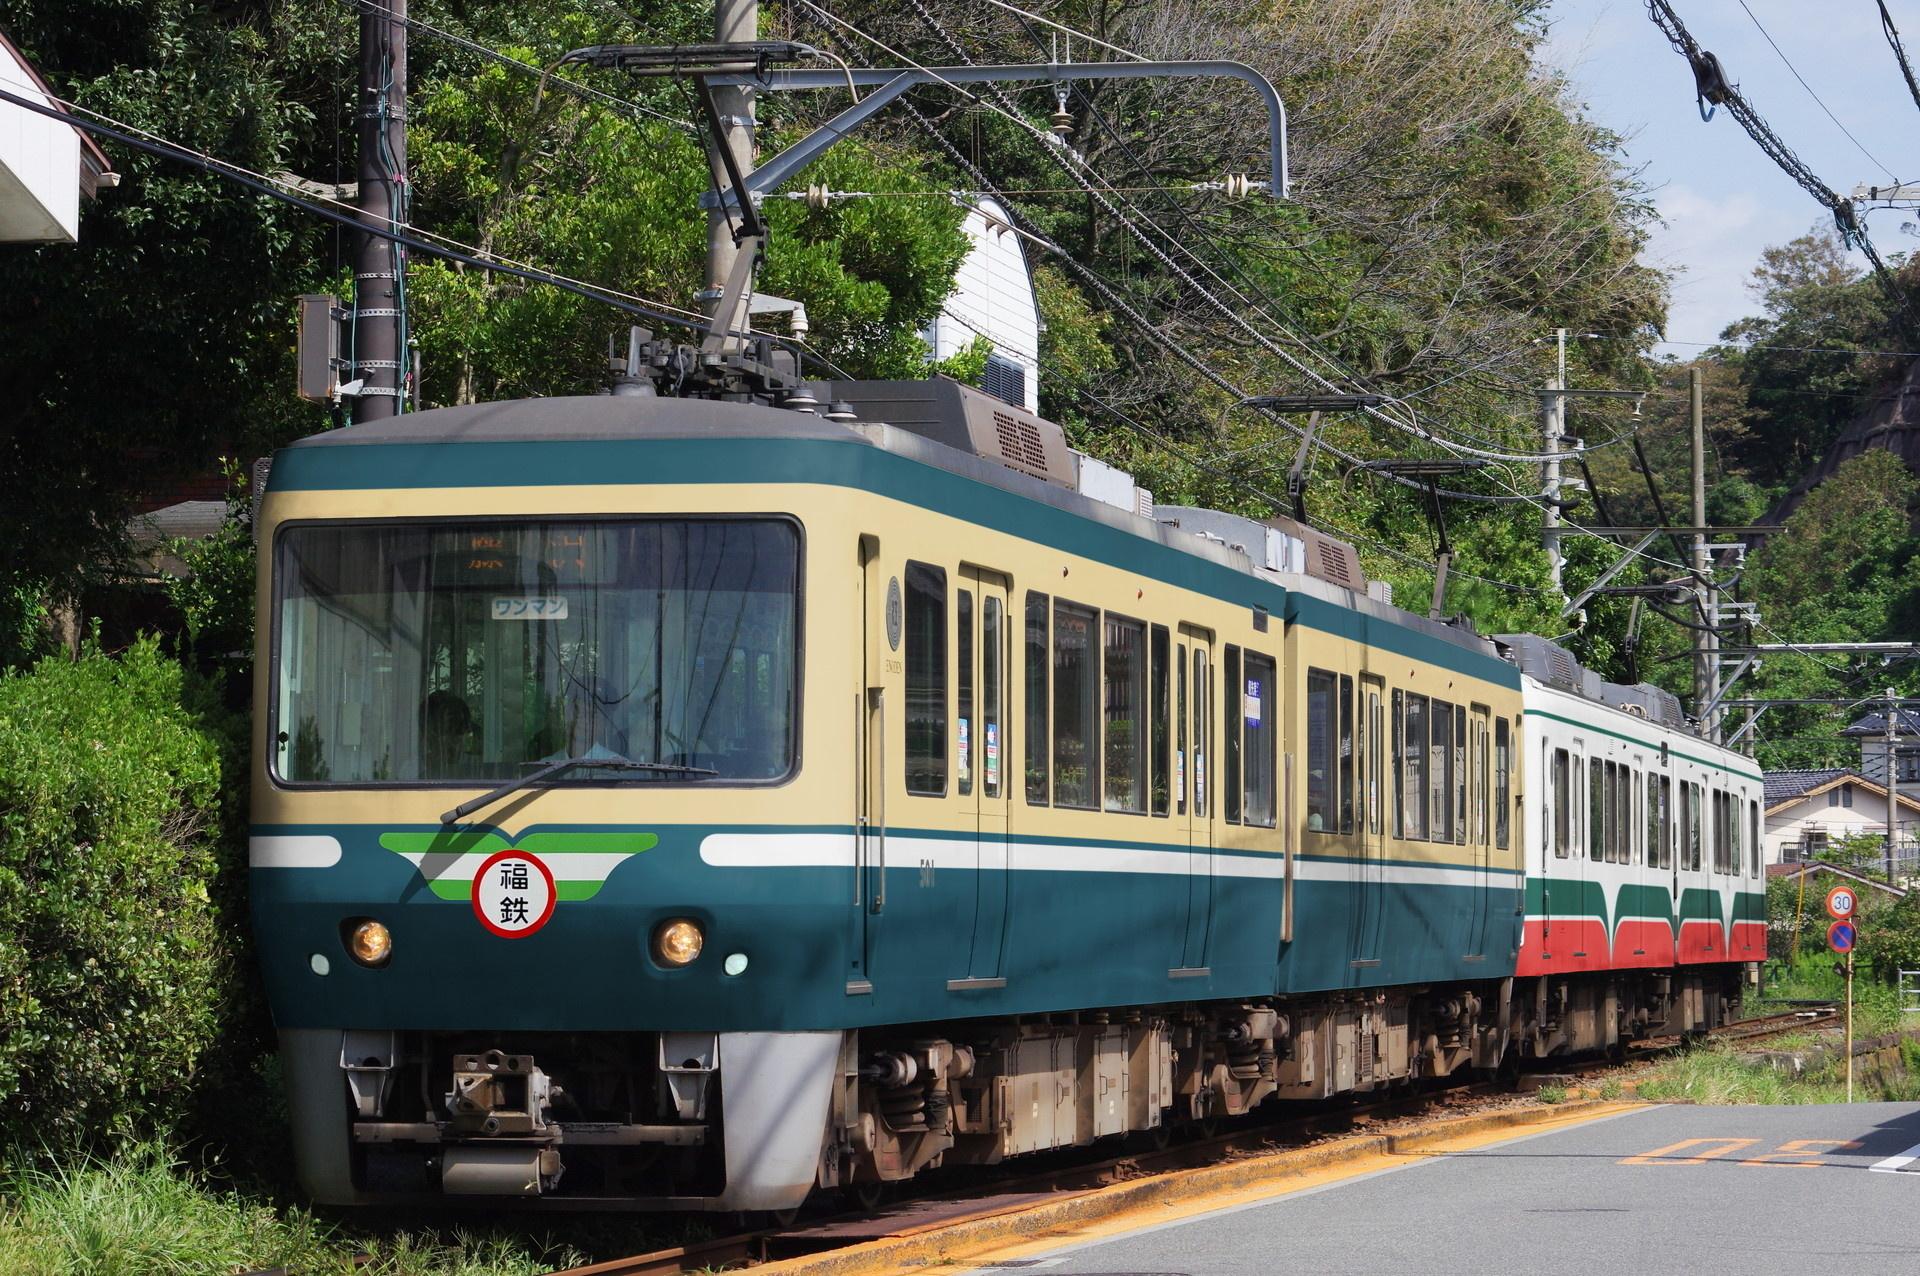 福鉄急行色に塗られた江ノ電500形と、福鉄610形風色の1200形(ウソ電)